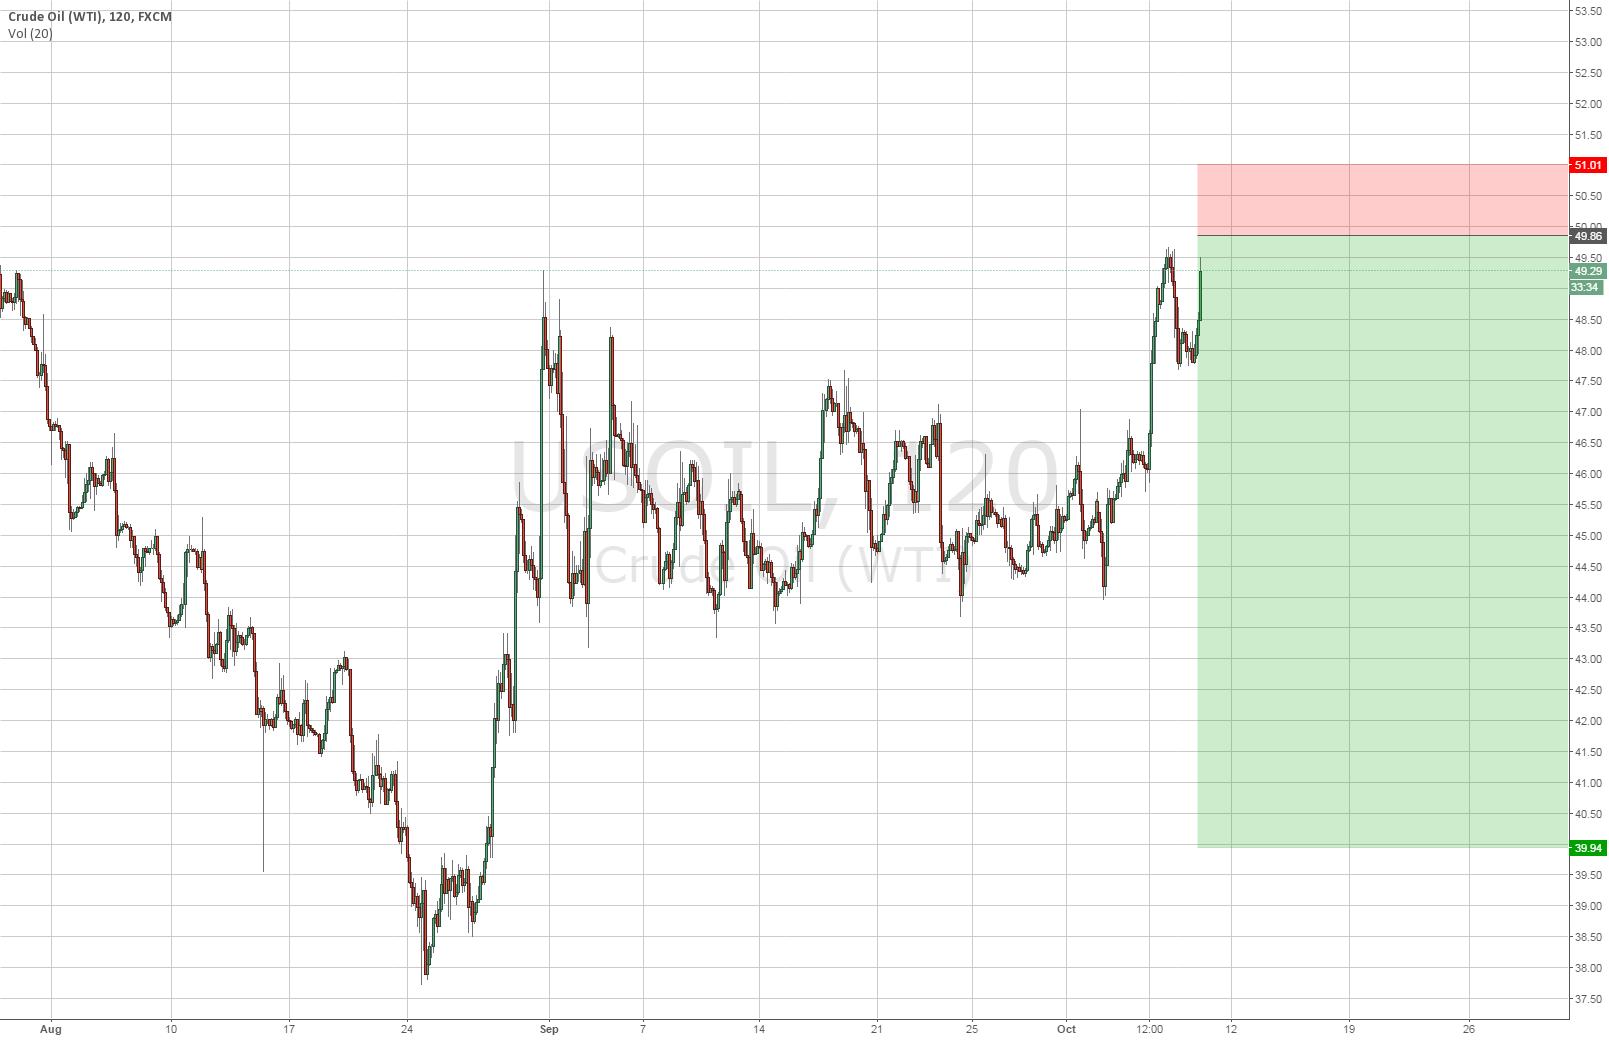 Shorting USOIL at $49.90